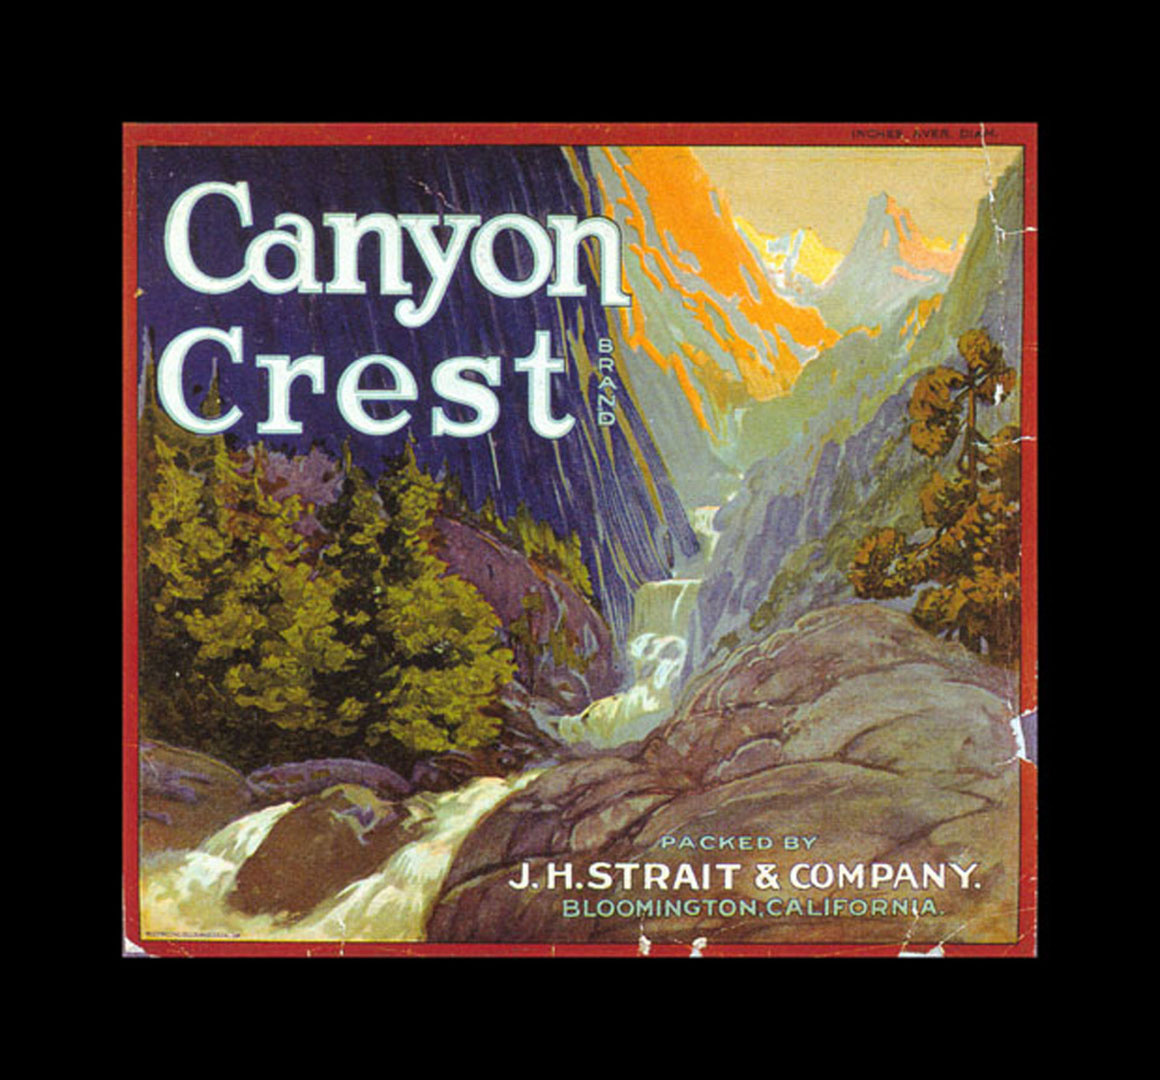 Crest Brand Oranges   Vintage Fruit Crate Labels Wallpaper Image 1160x1080